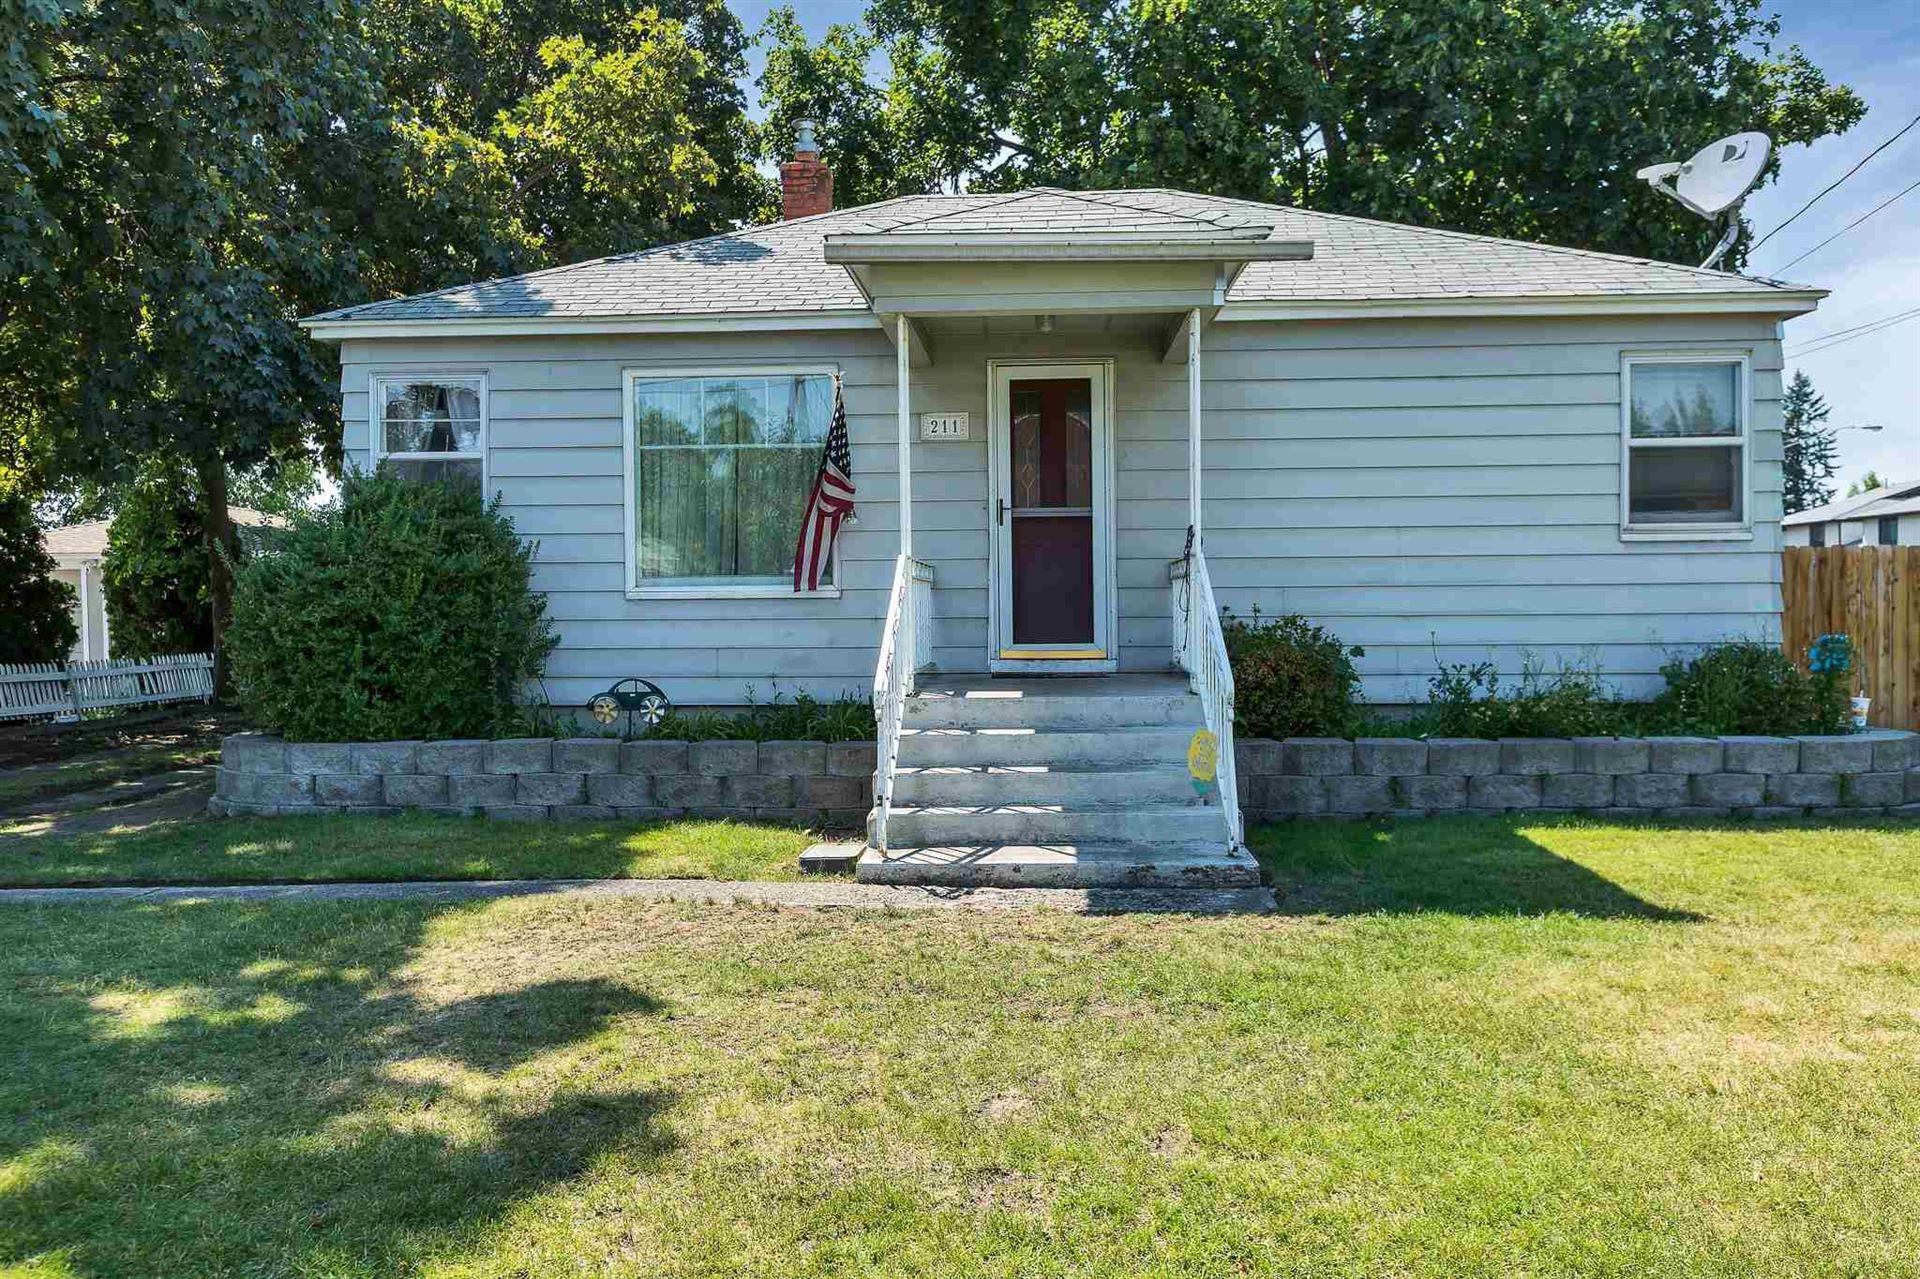 211 N Raymond Rd, Spokane Valley, WA 99206 - #: 202118505